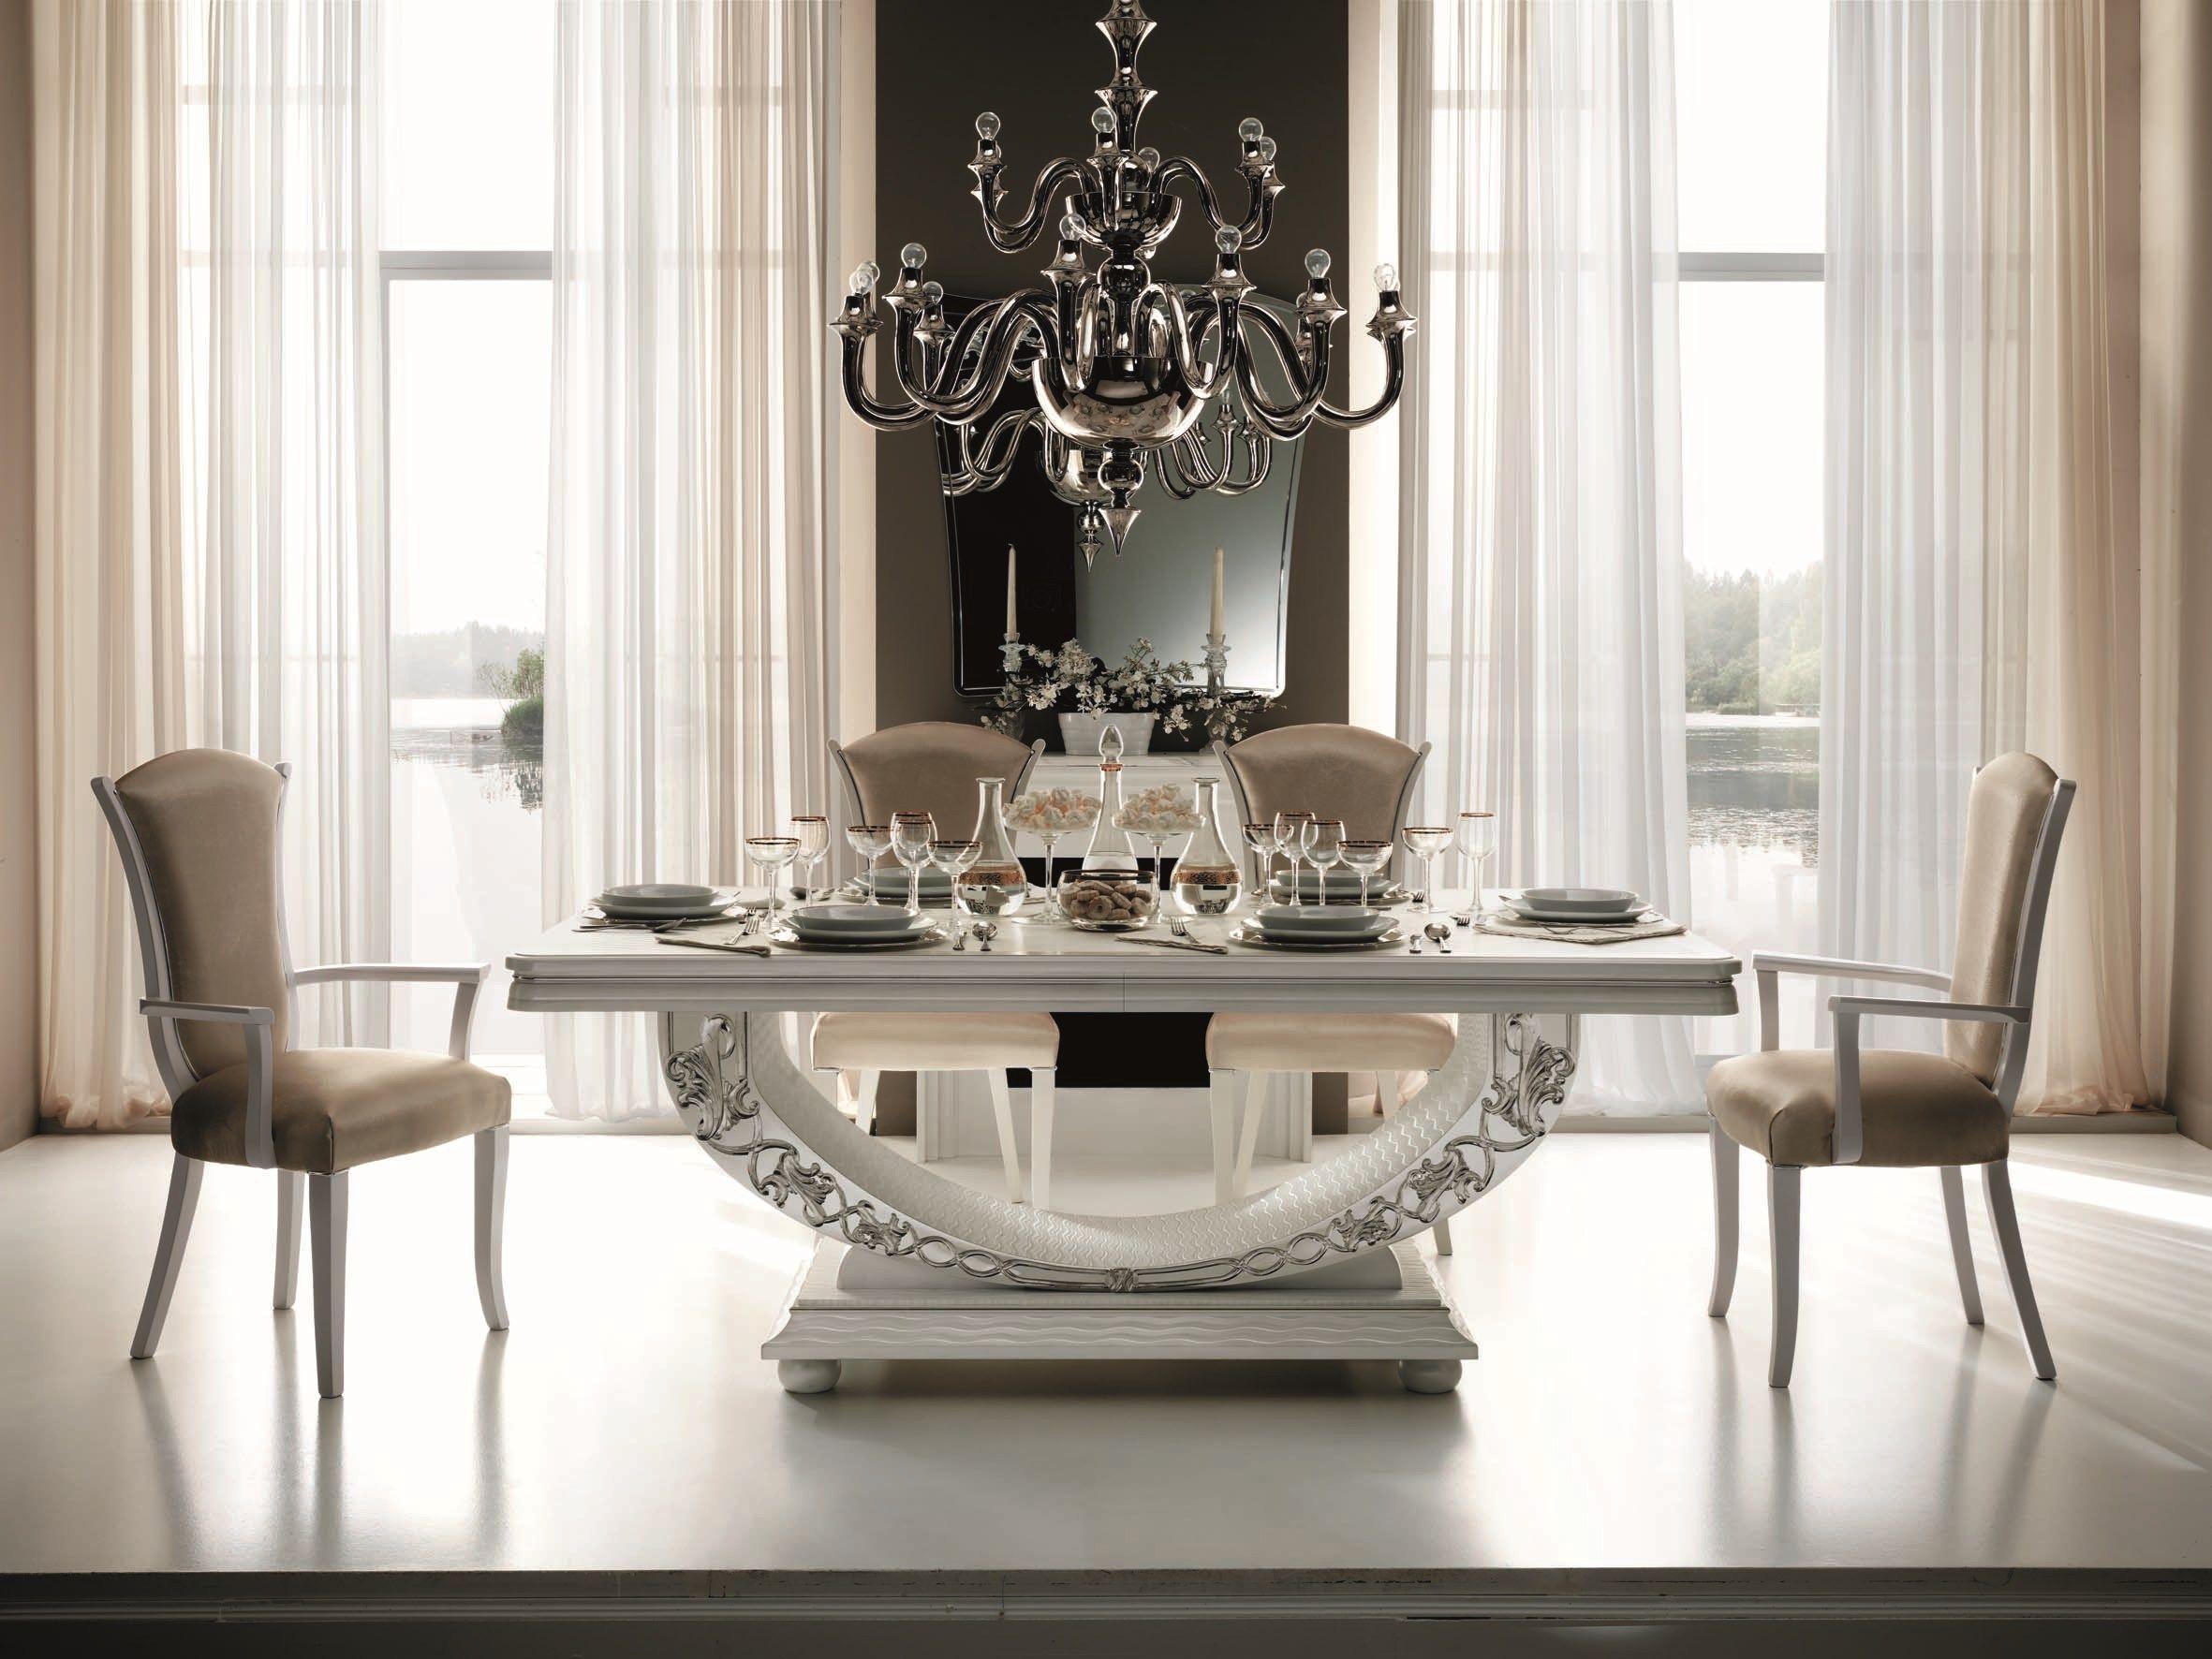 Tavolo Da Pranzo Rettangolare In Stile Classico MIRÒ Tavolo  #796752 2362 1772 Sedie Per Il Tavolo Da Pranzo